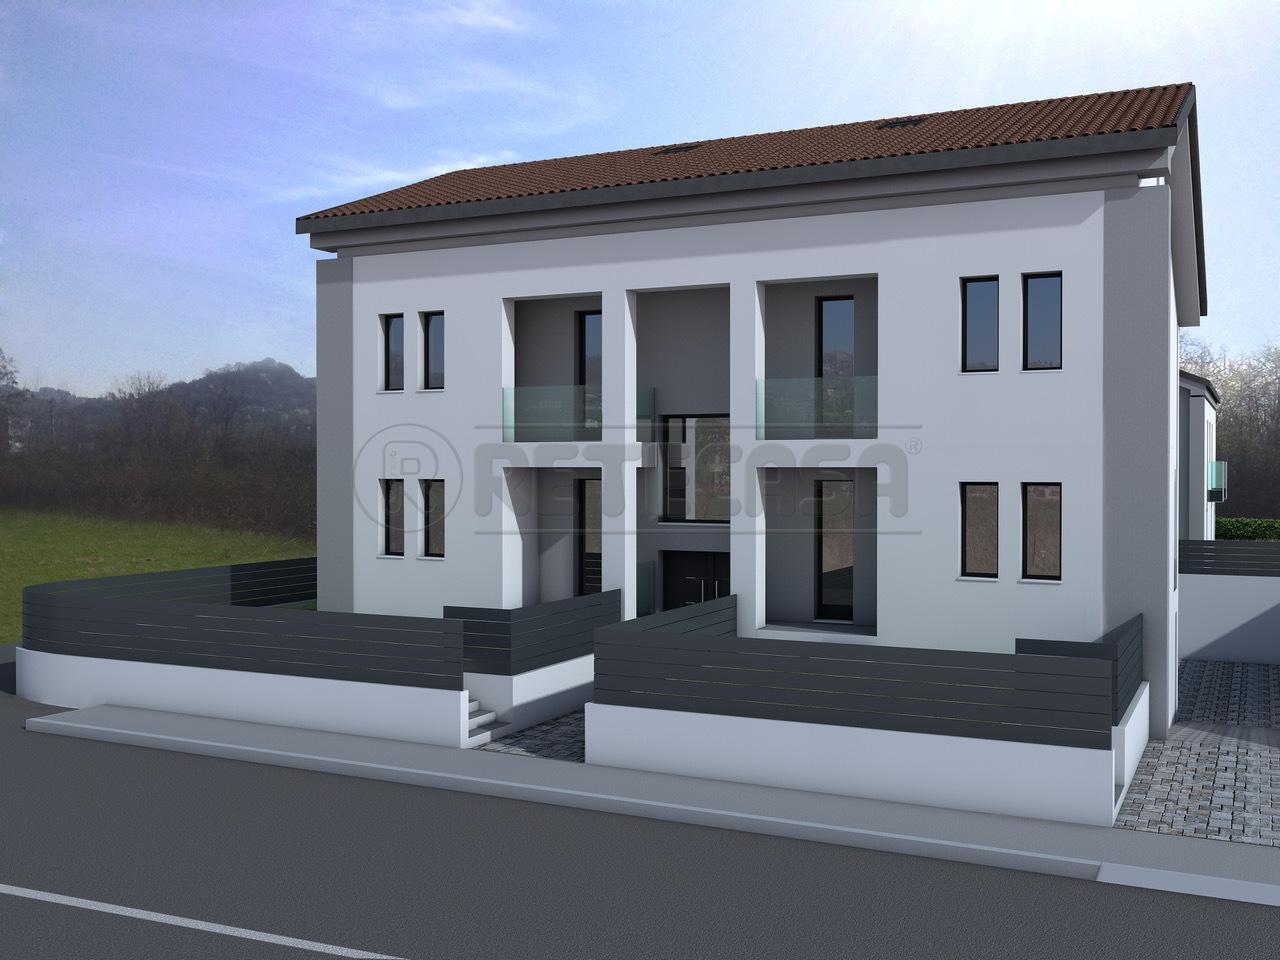 Appartamento in vendita a Brogliano, 9999 locali, prezzo € 170.000 | Cambio Casa.it